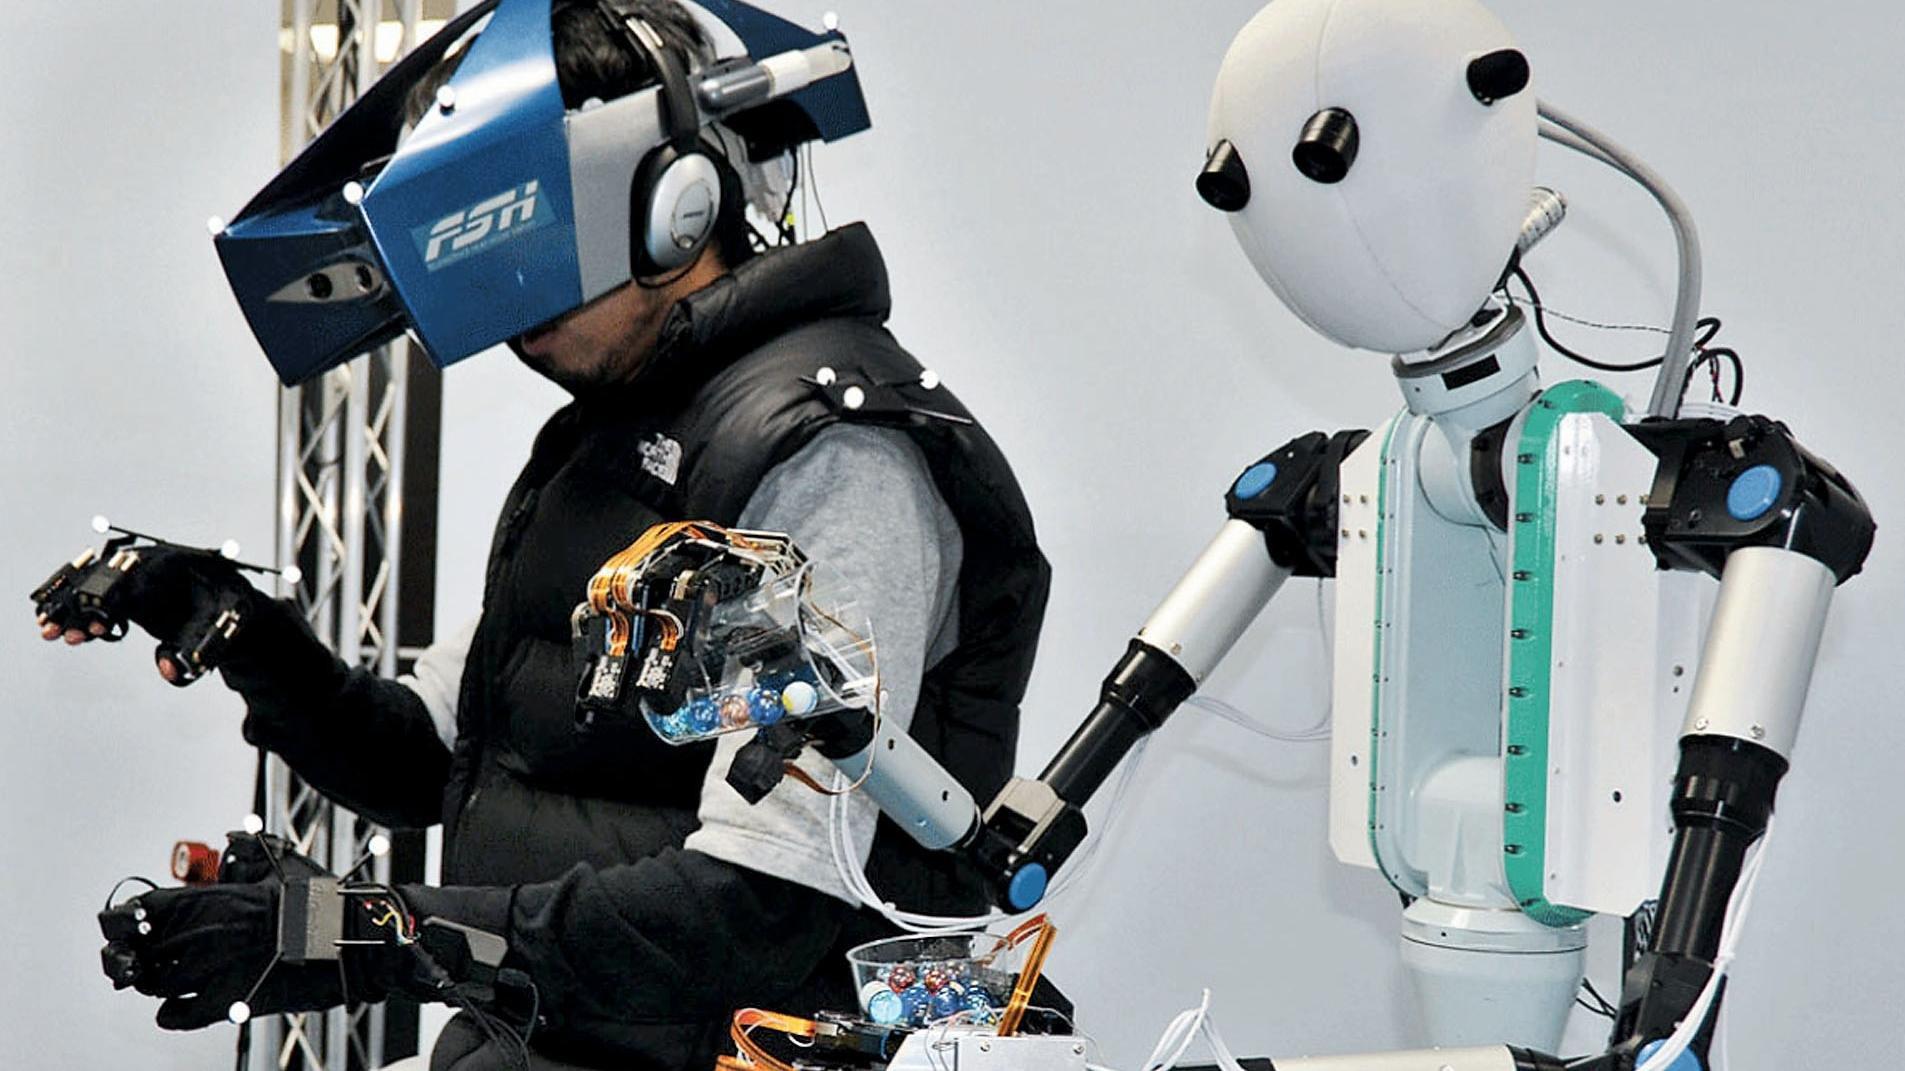 Японские инженеры опубликовали кадры испытаний жуткого, однако многообещающего робота-аватара